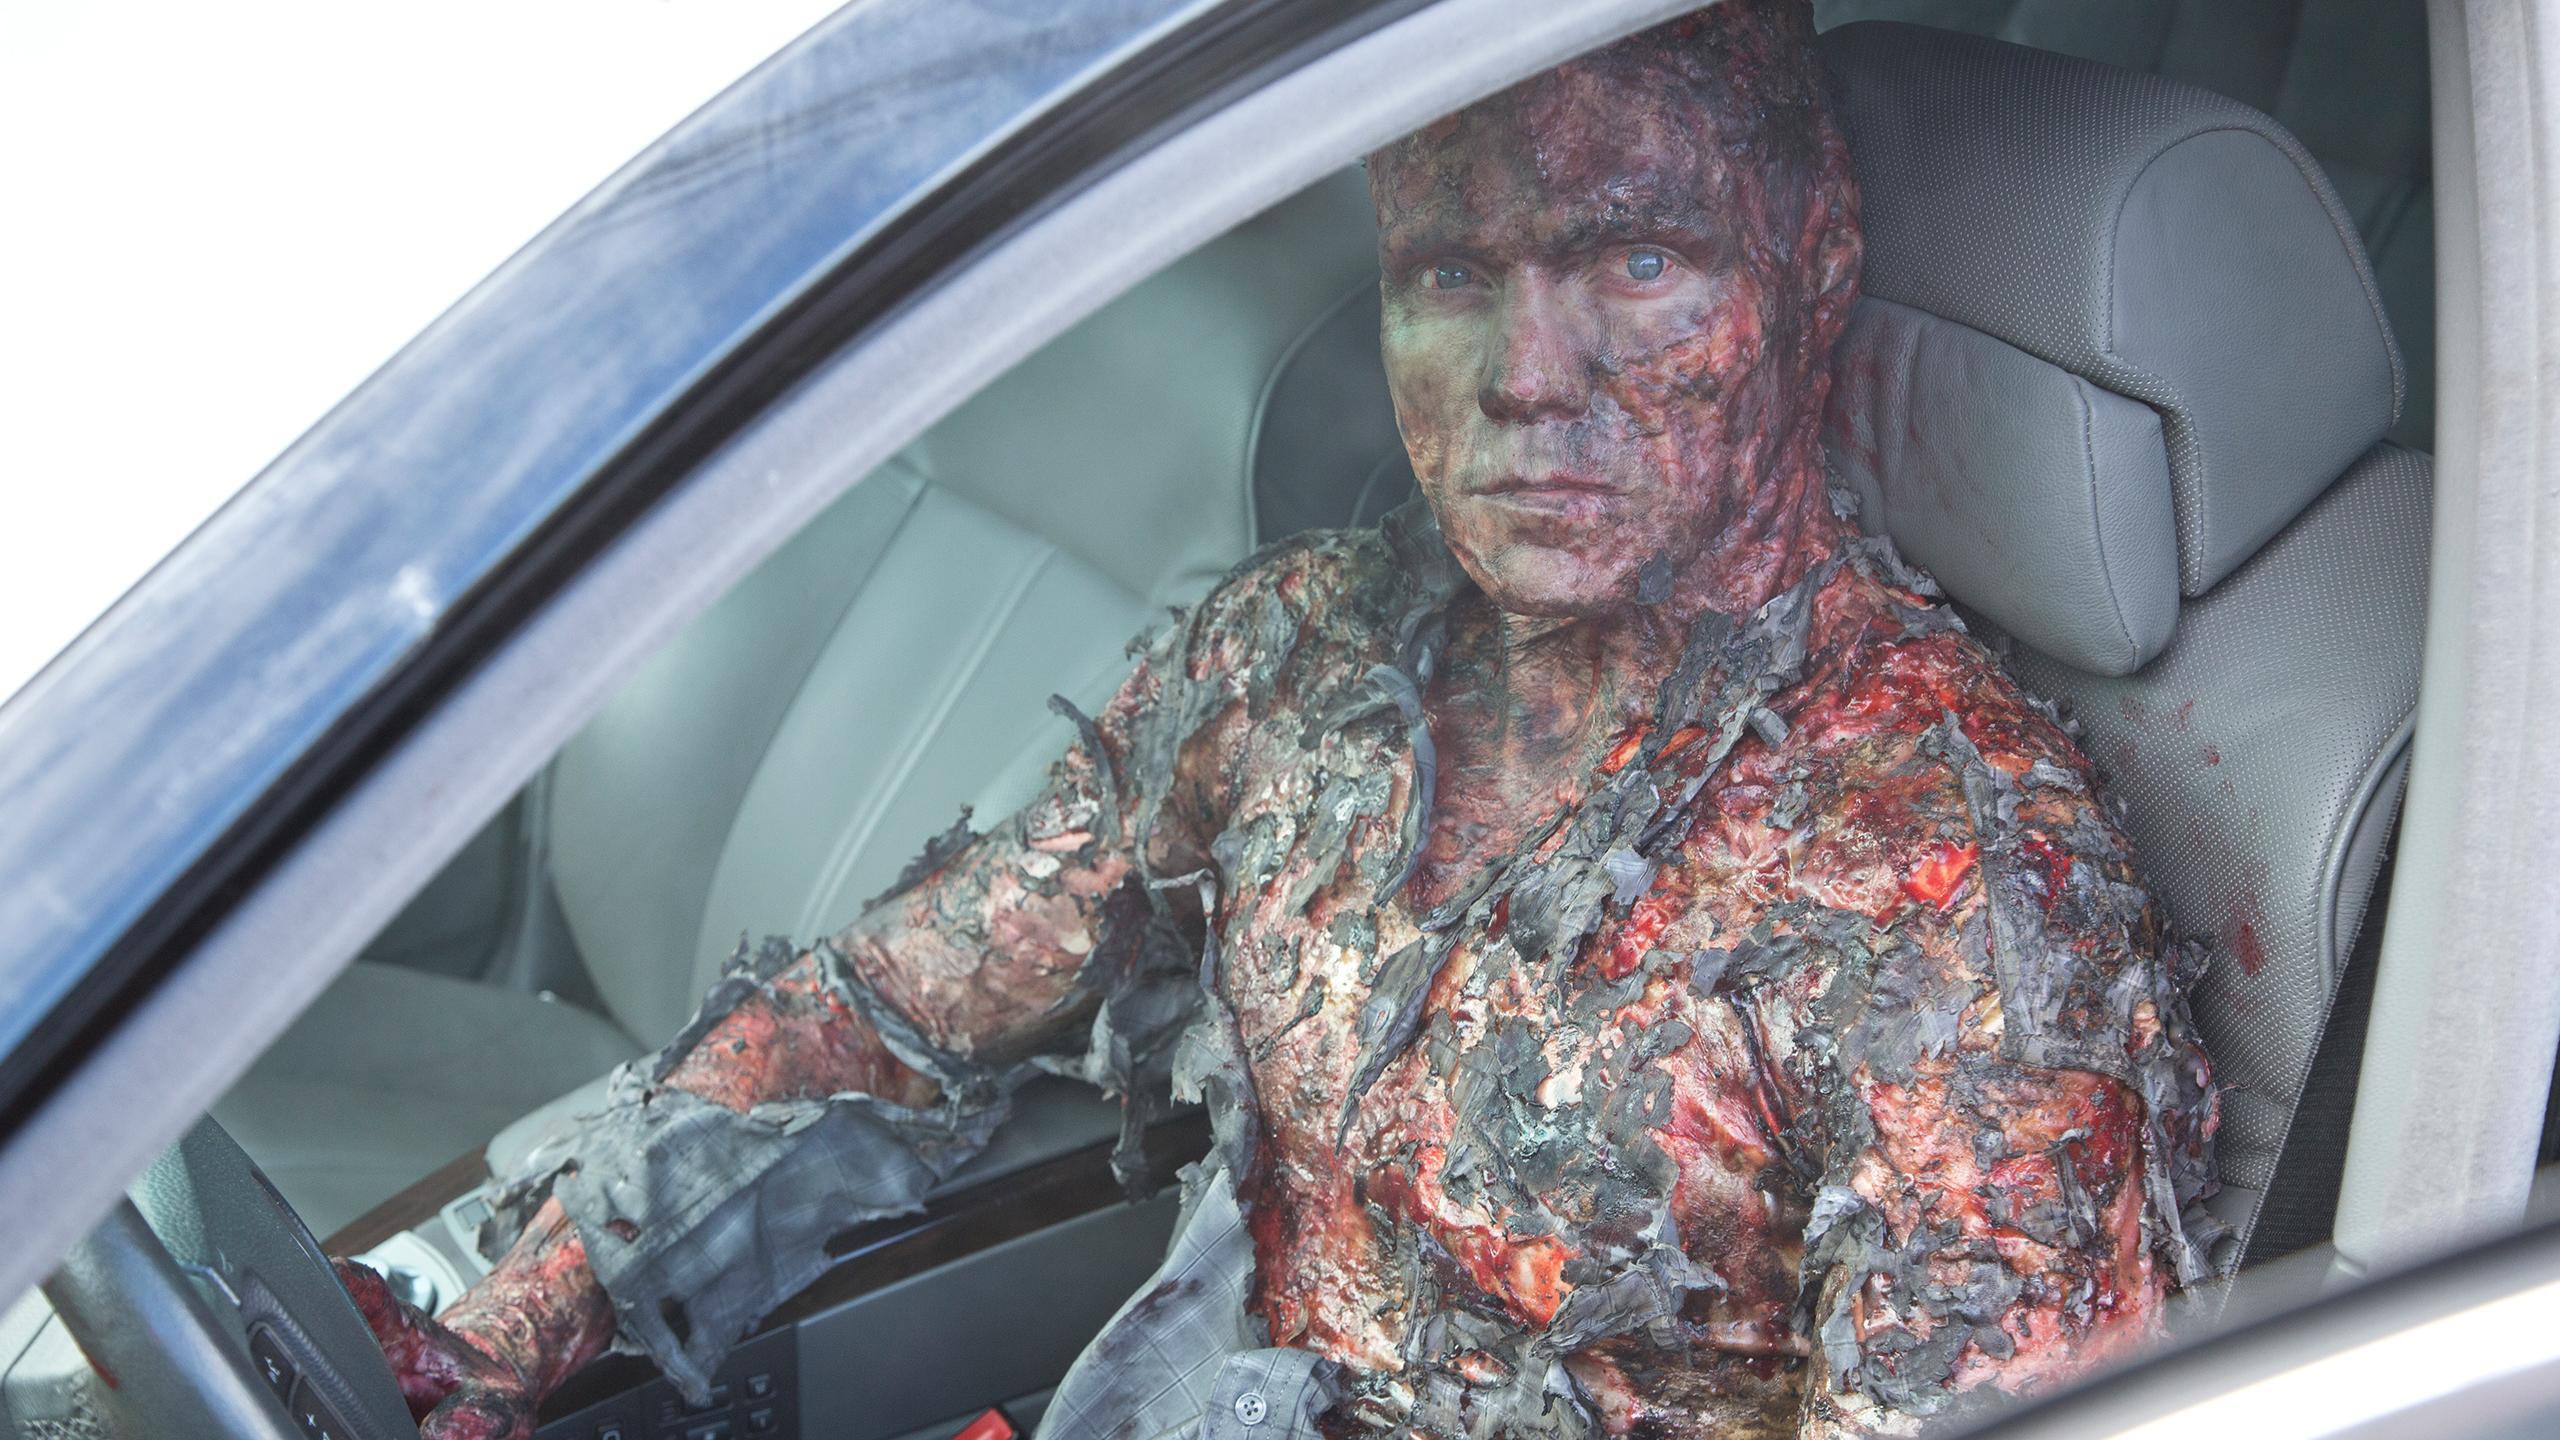 File:04-bradleys-badly-burned-father.jpg